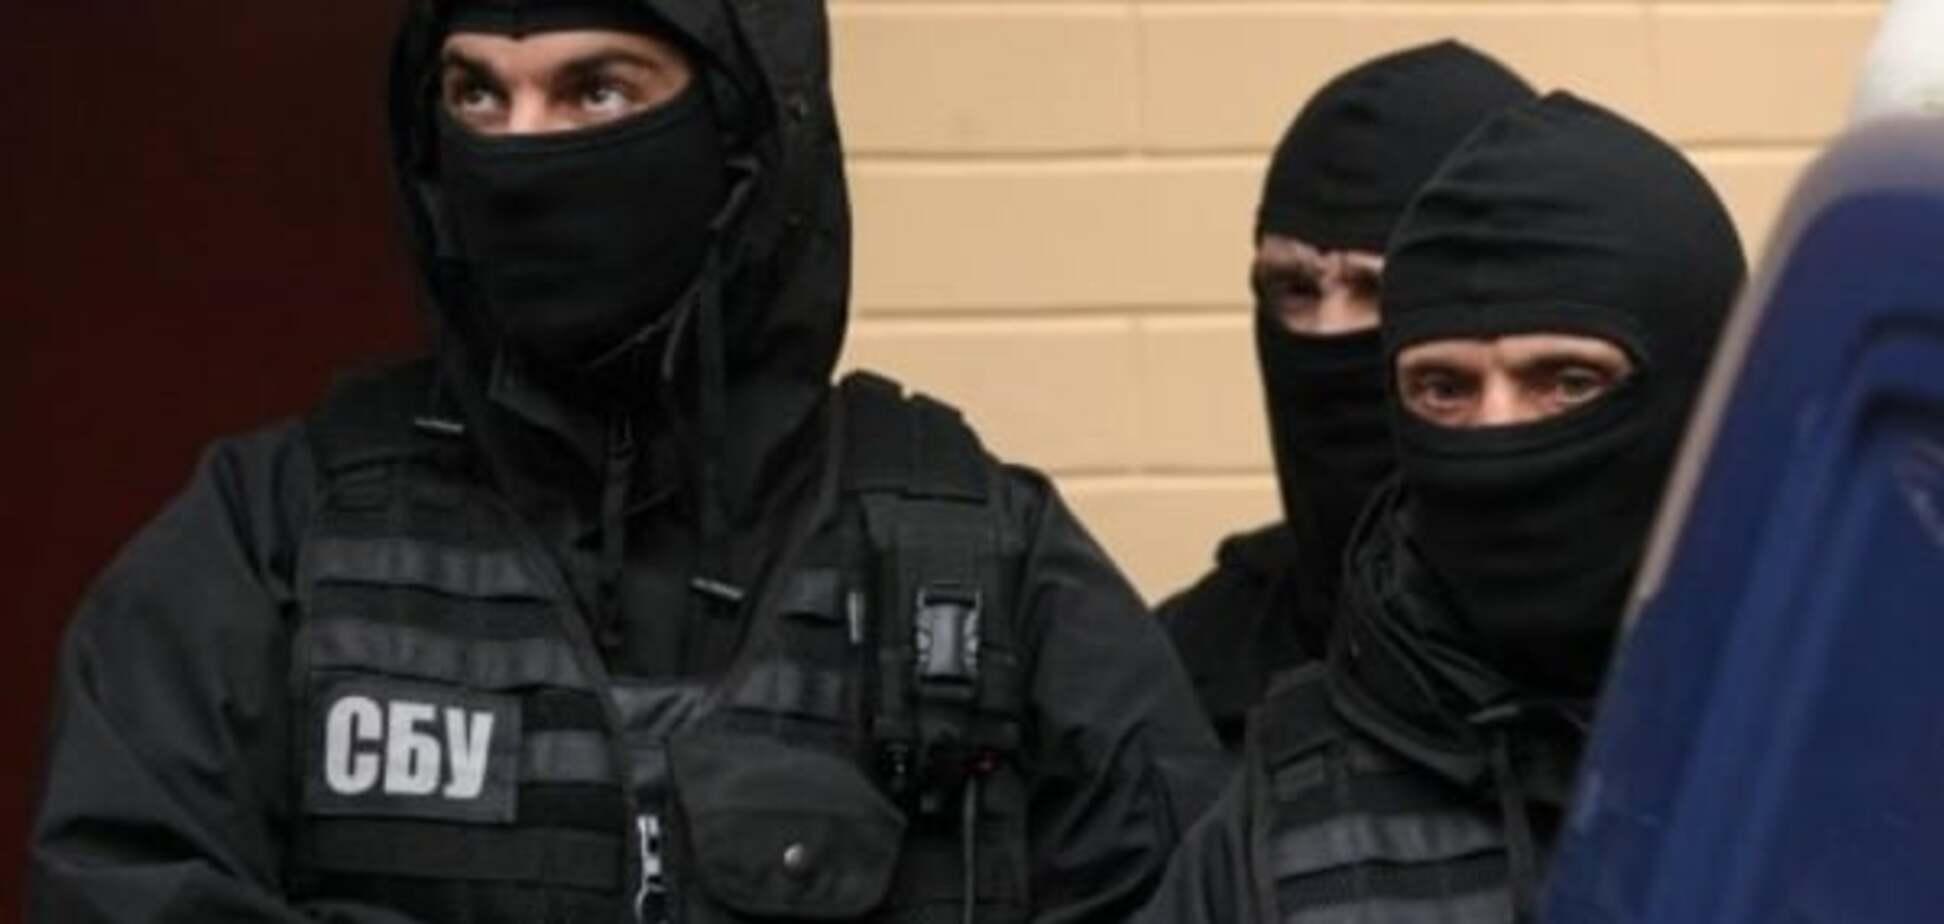 Де були раніше? Корчілава потролив СБУ за 'блискавичний' арешт екс-глави поліції Вінниччини